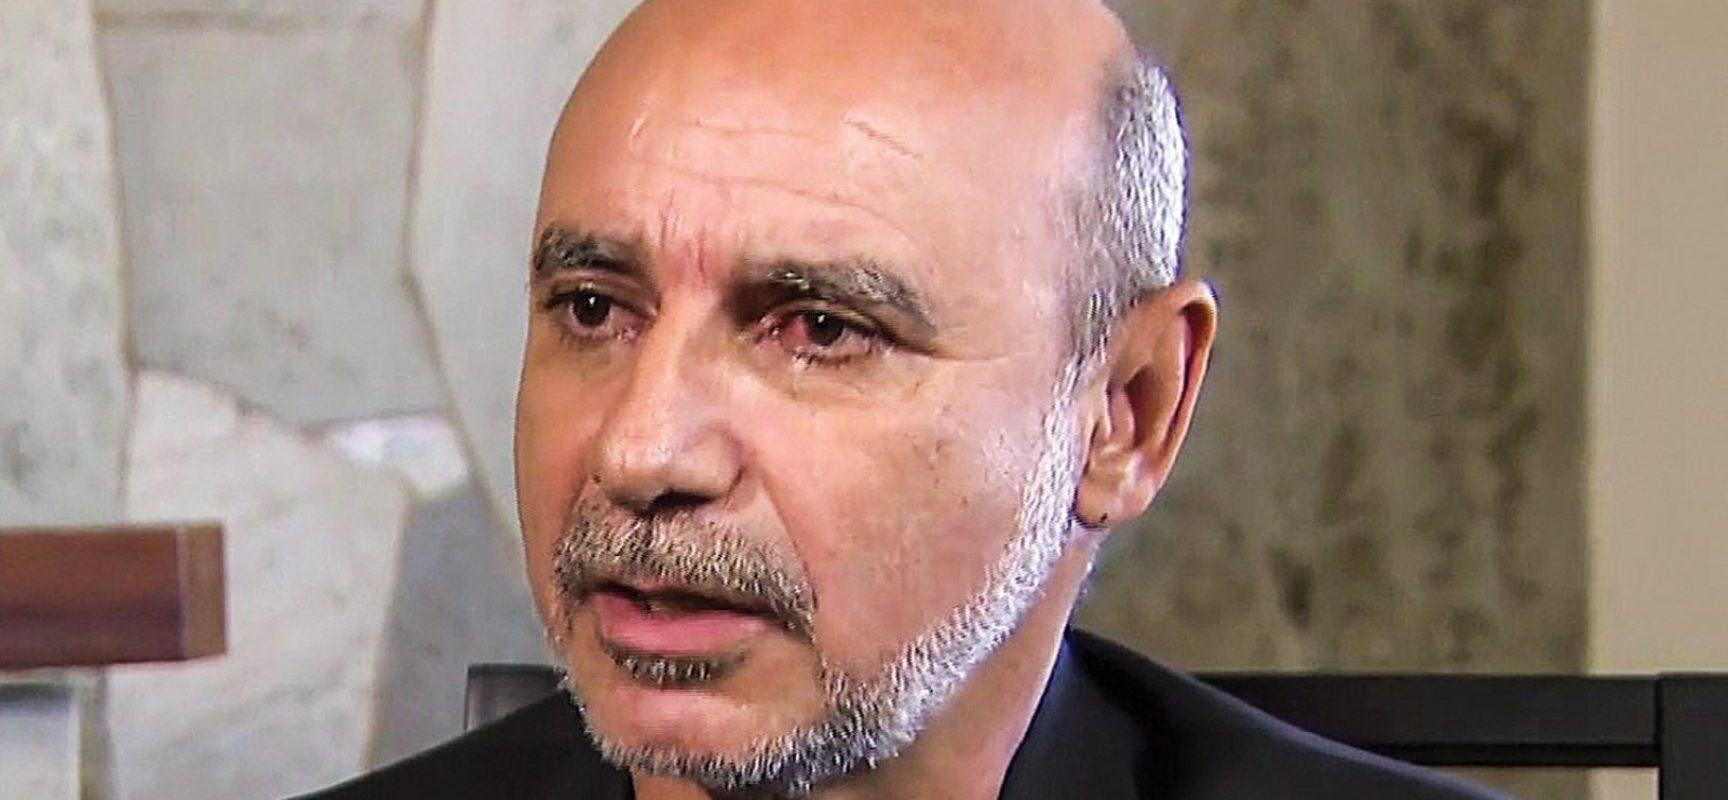 STJ concede liberdade a Fabrício Queiroz; ex-assessor segue em prisão domiciliar por ordem do STF